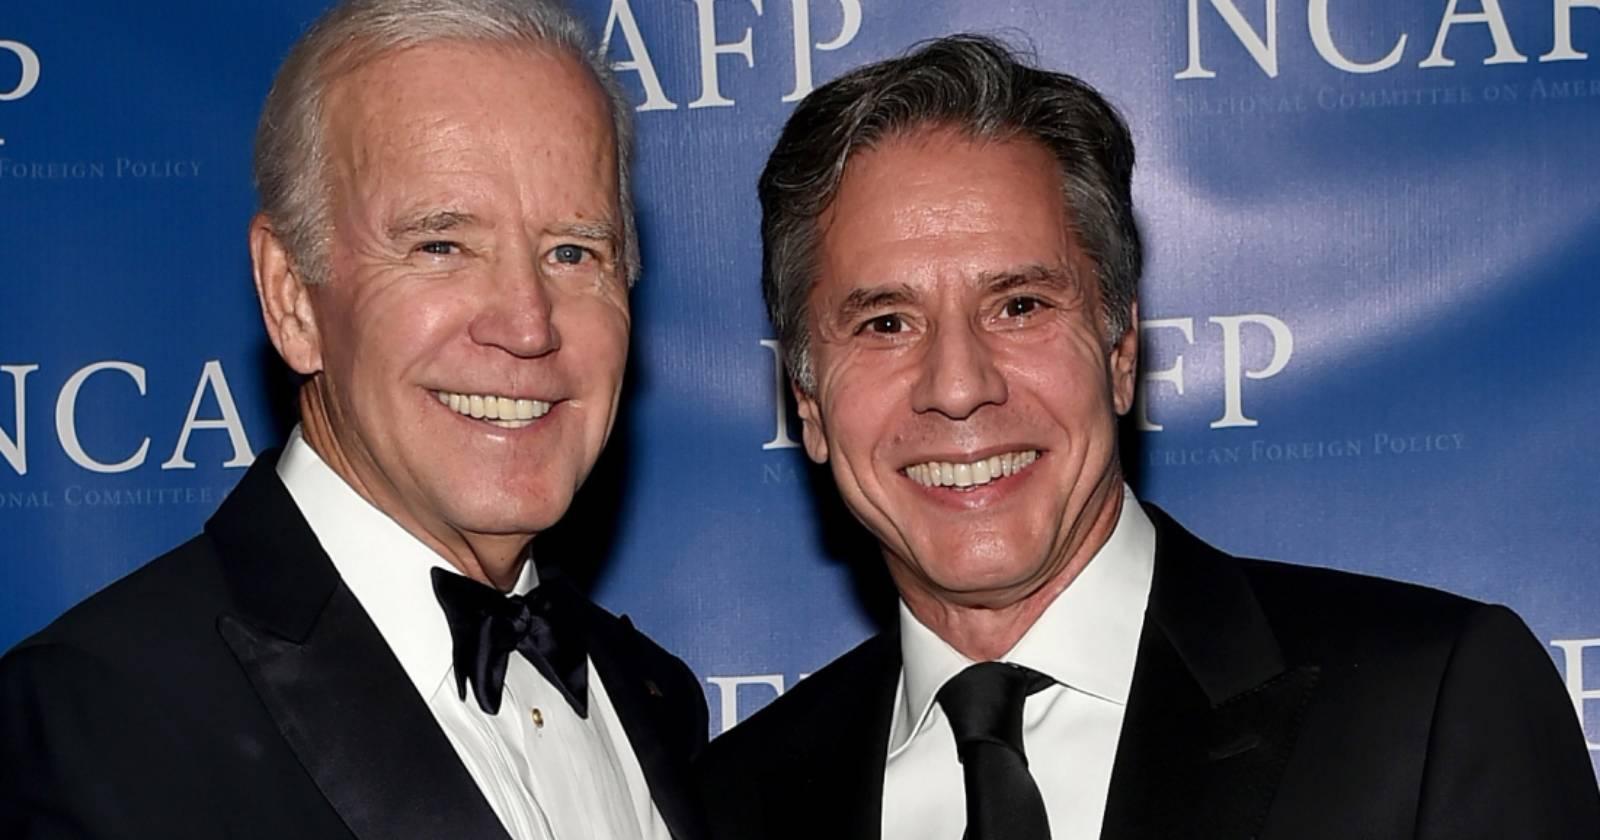 Joe Biden nombrará aAntony Blinken como secretario de Estado